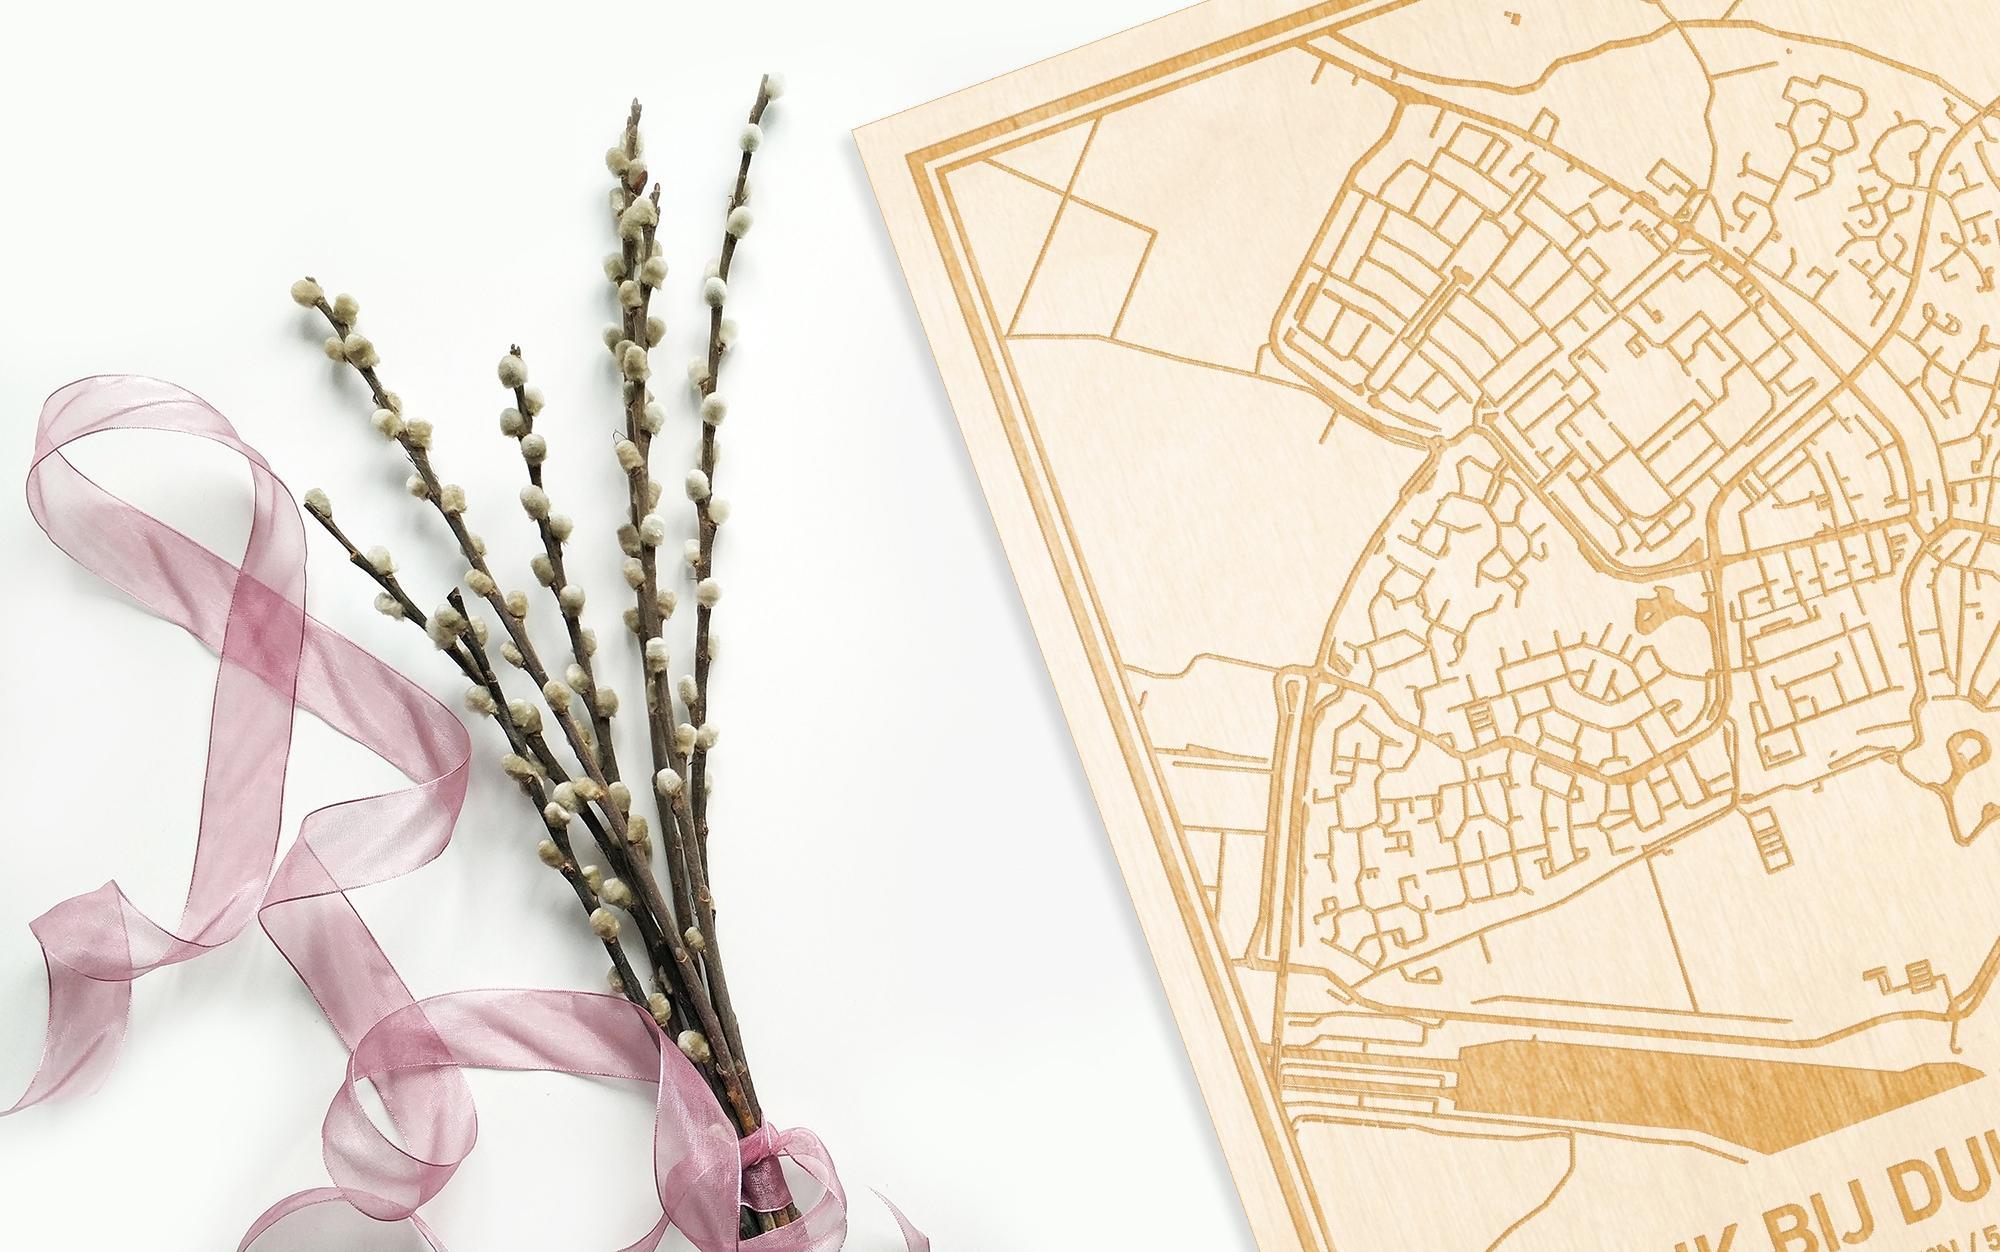 Hier ligt de houten plattegrond Wijk bij Duurstede naast een bloemetje als gepersonaliseerd cadeau voor haar.